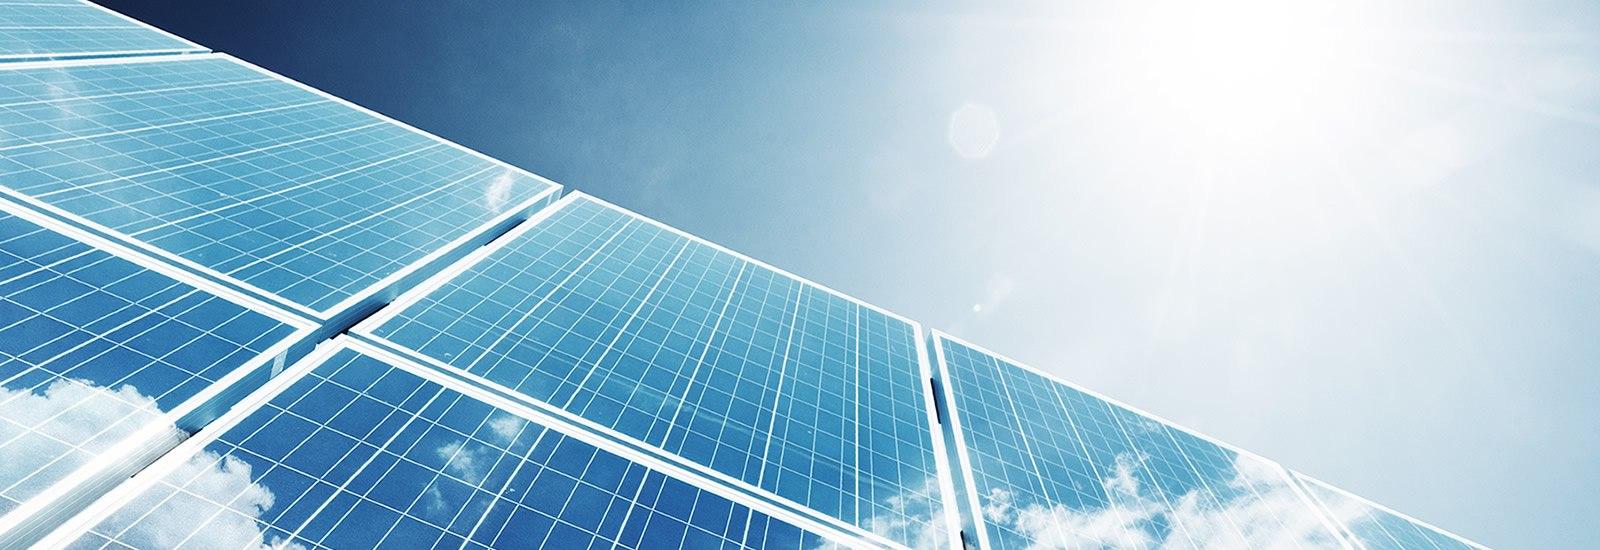 Découvrez ce que le solaire peut apporter à vos projets